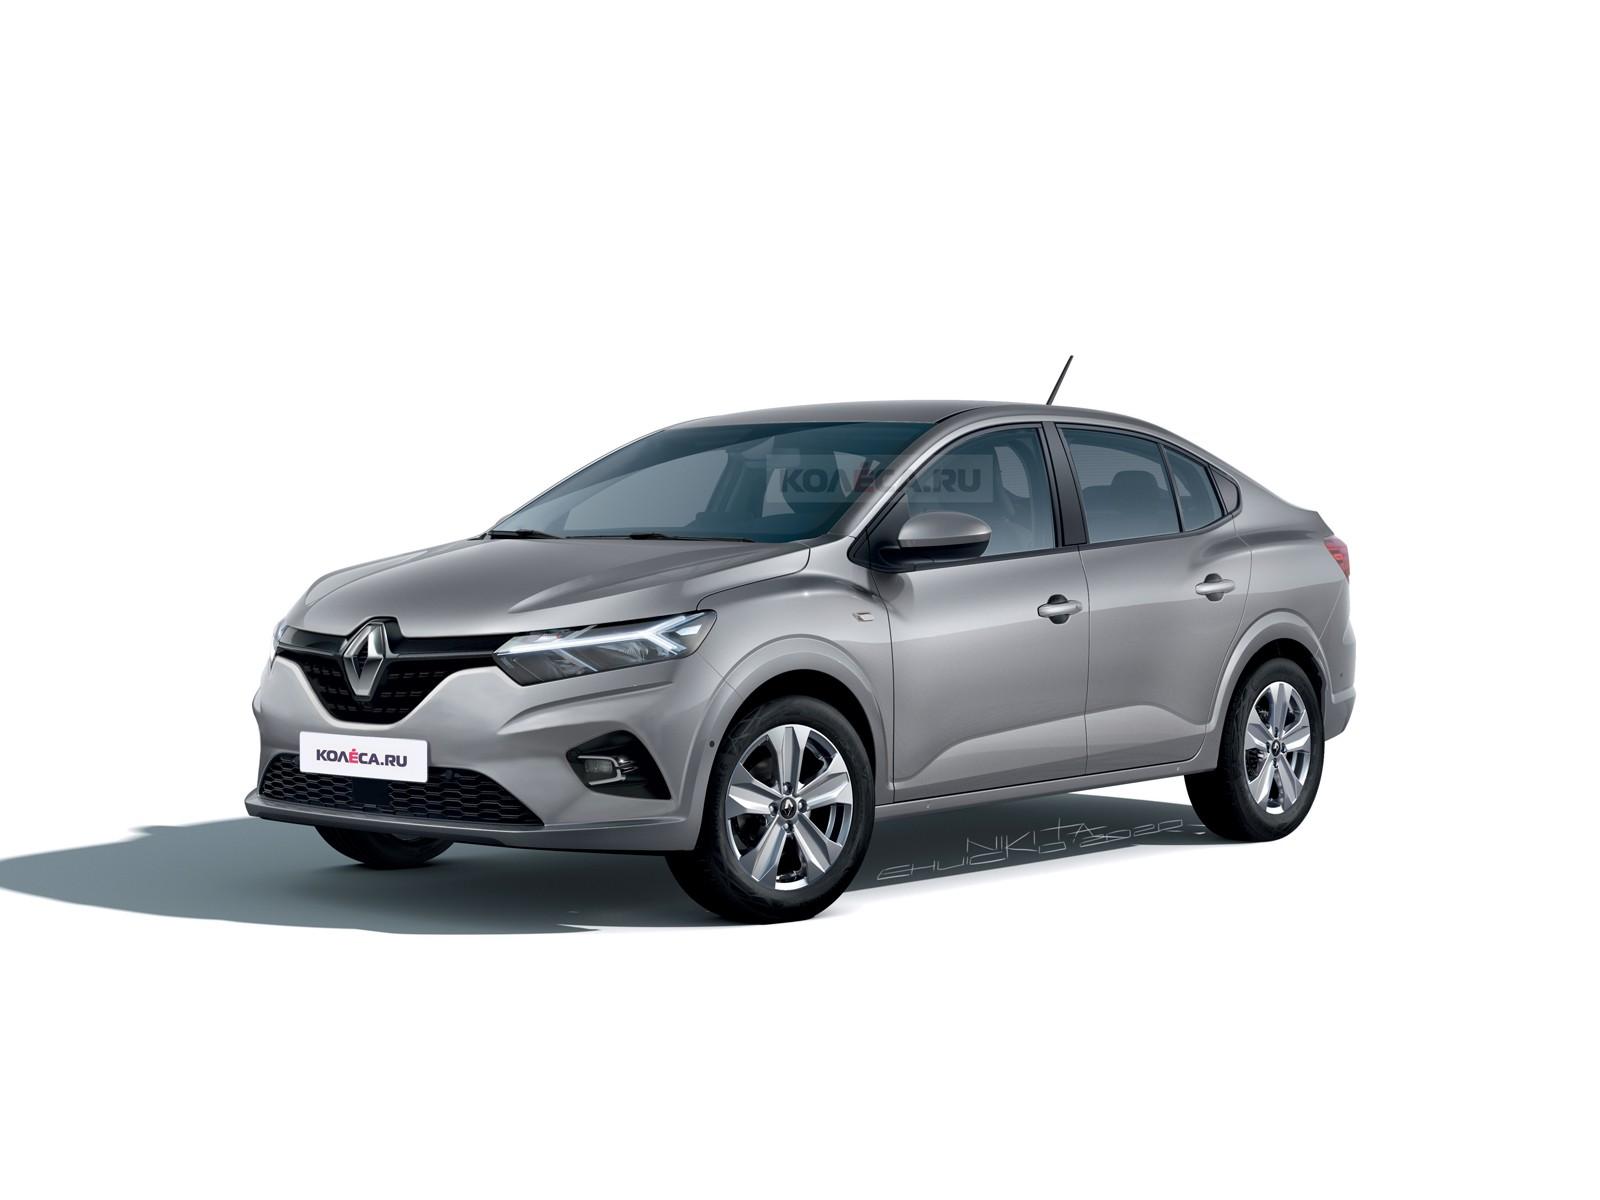 Renault Logan следующего поколения: новые изображения